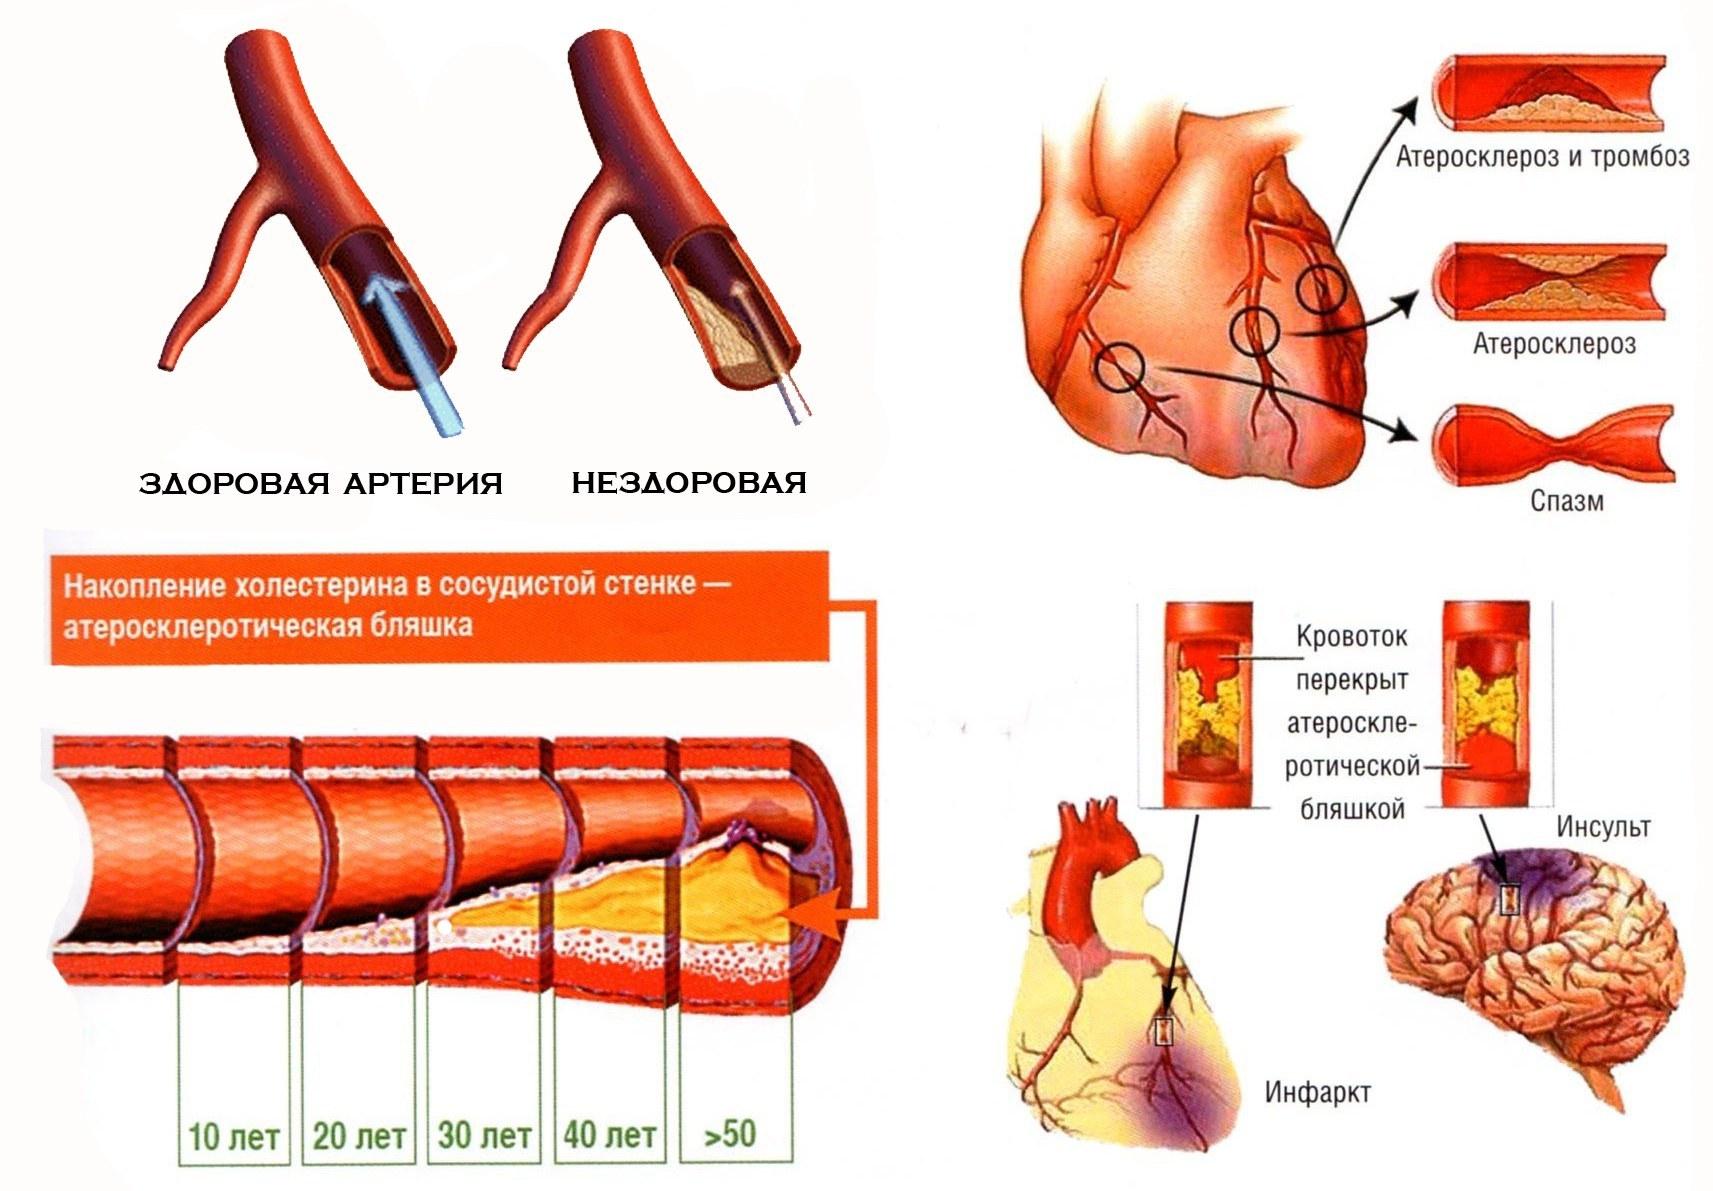 уровень холестерина после инфаркта